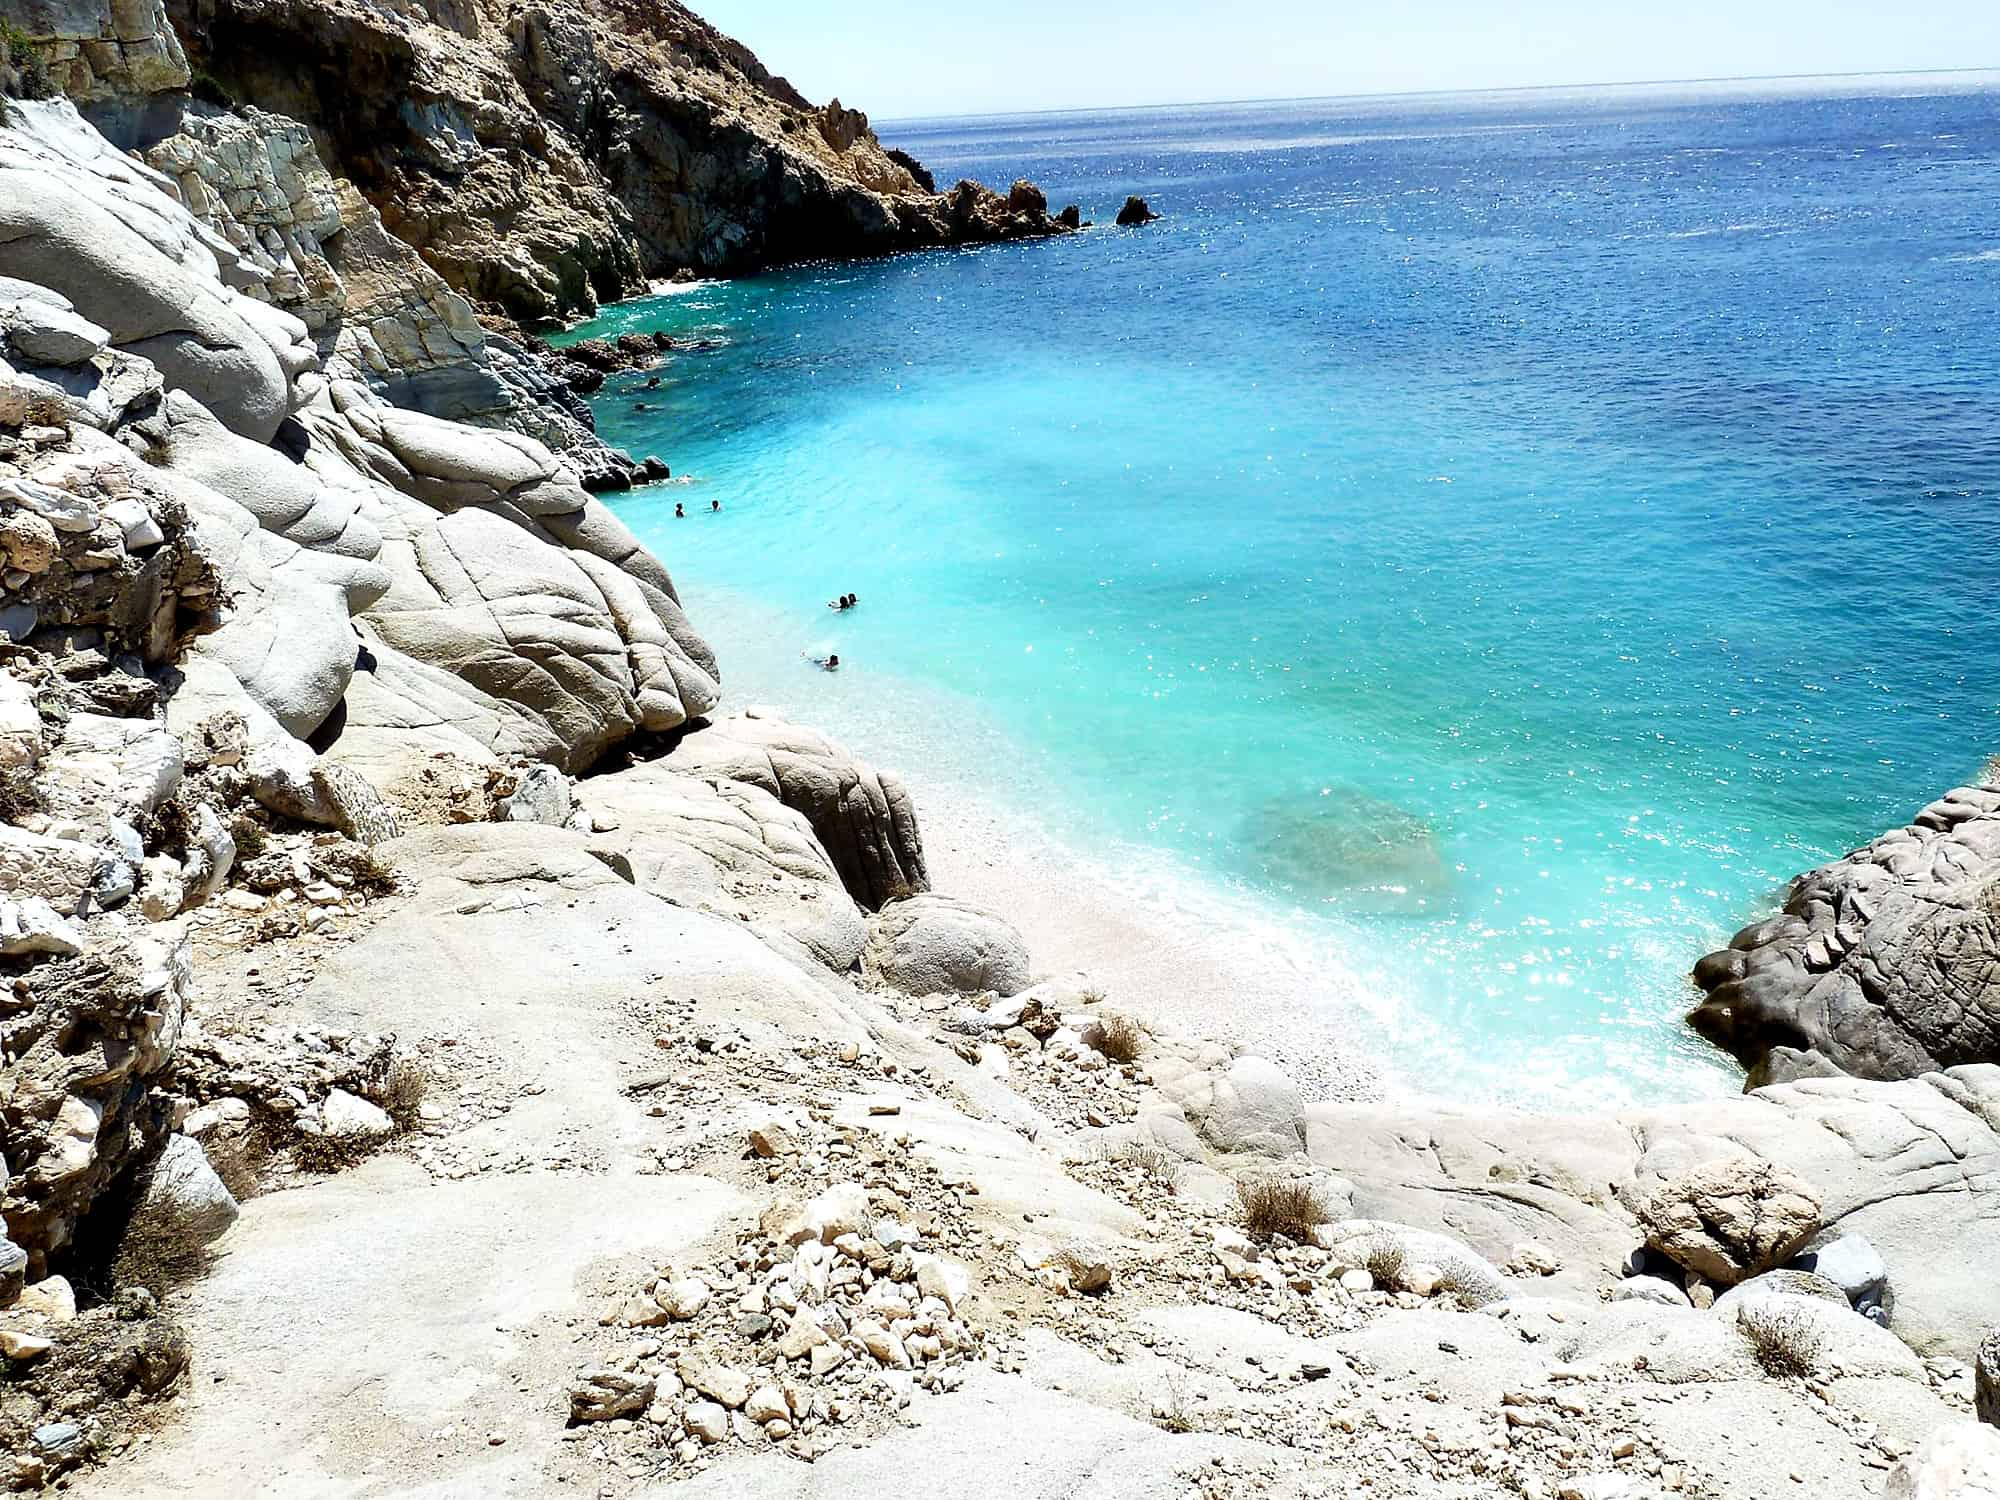 Greek island of Ikaria